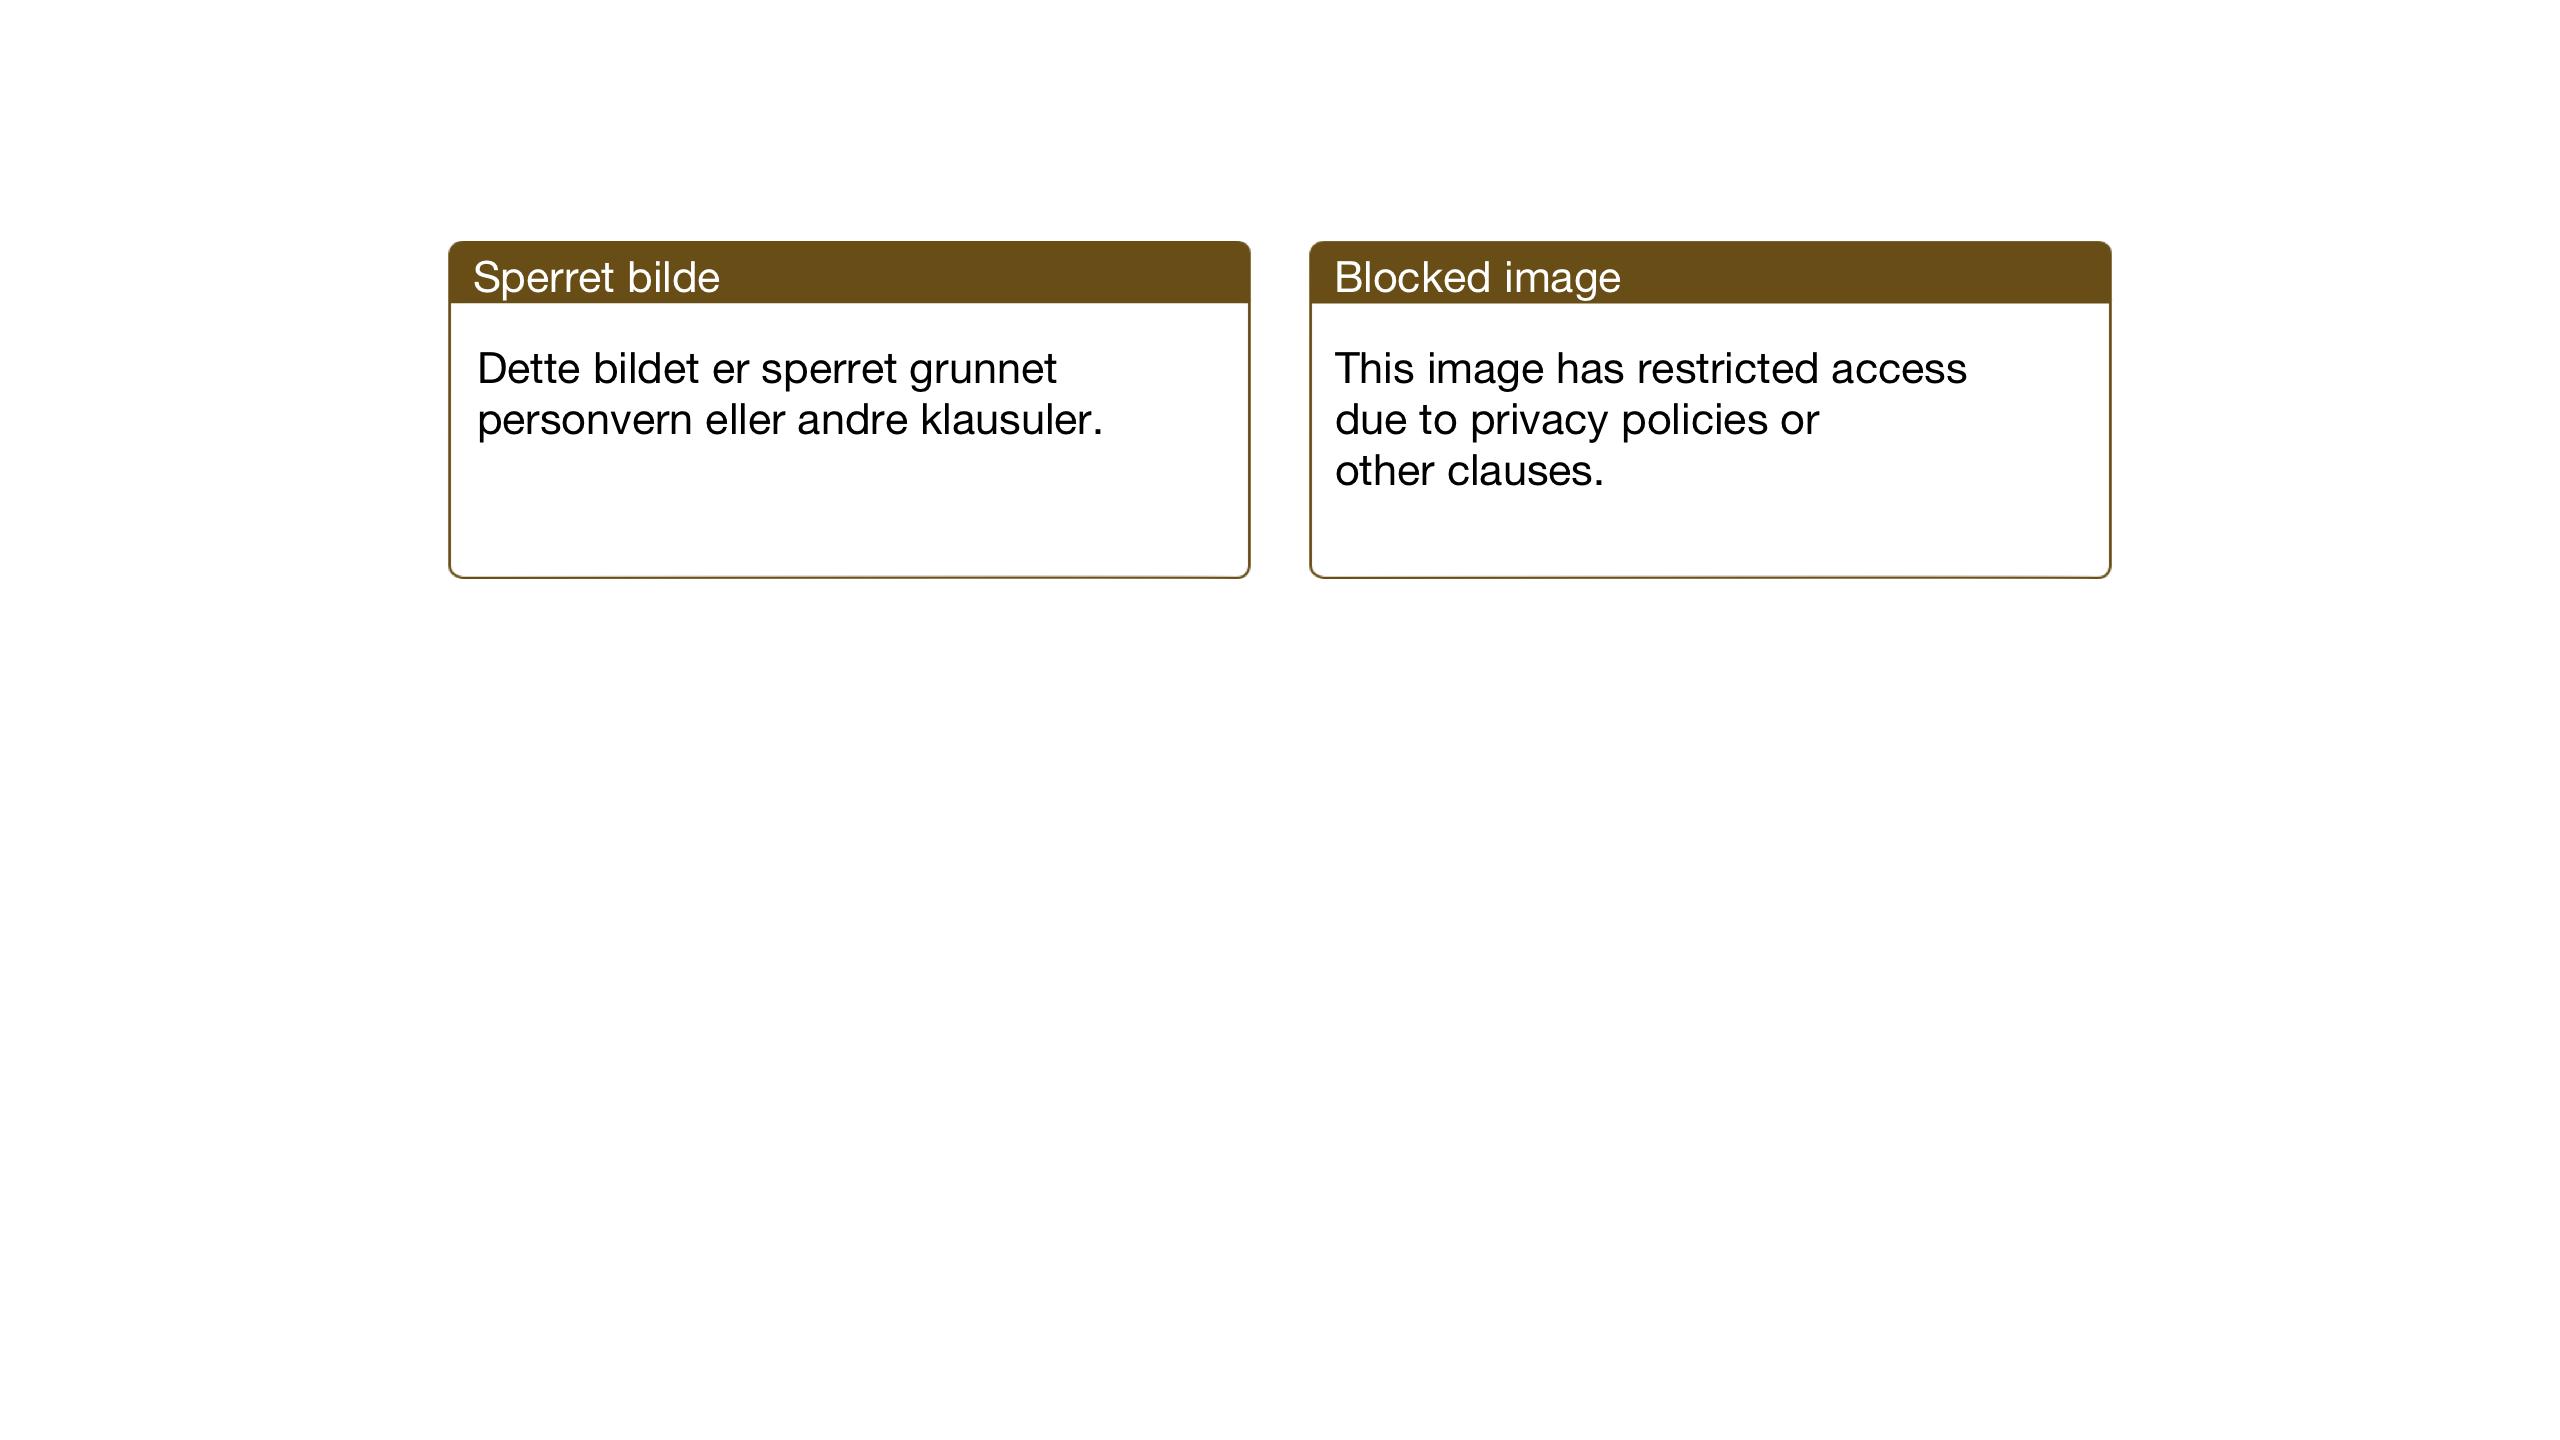 SAT, Ministerialprotokoller, klokkerbøker og fødselsregistre - Nord-Trøndelag, 784/L0678: Ministerialbok nr. 784A13, 1921-1938, s. 81